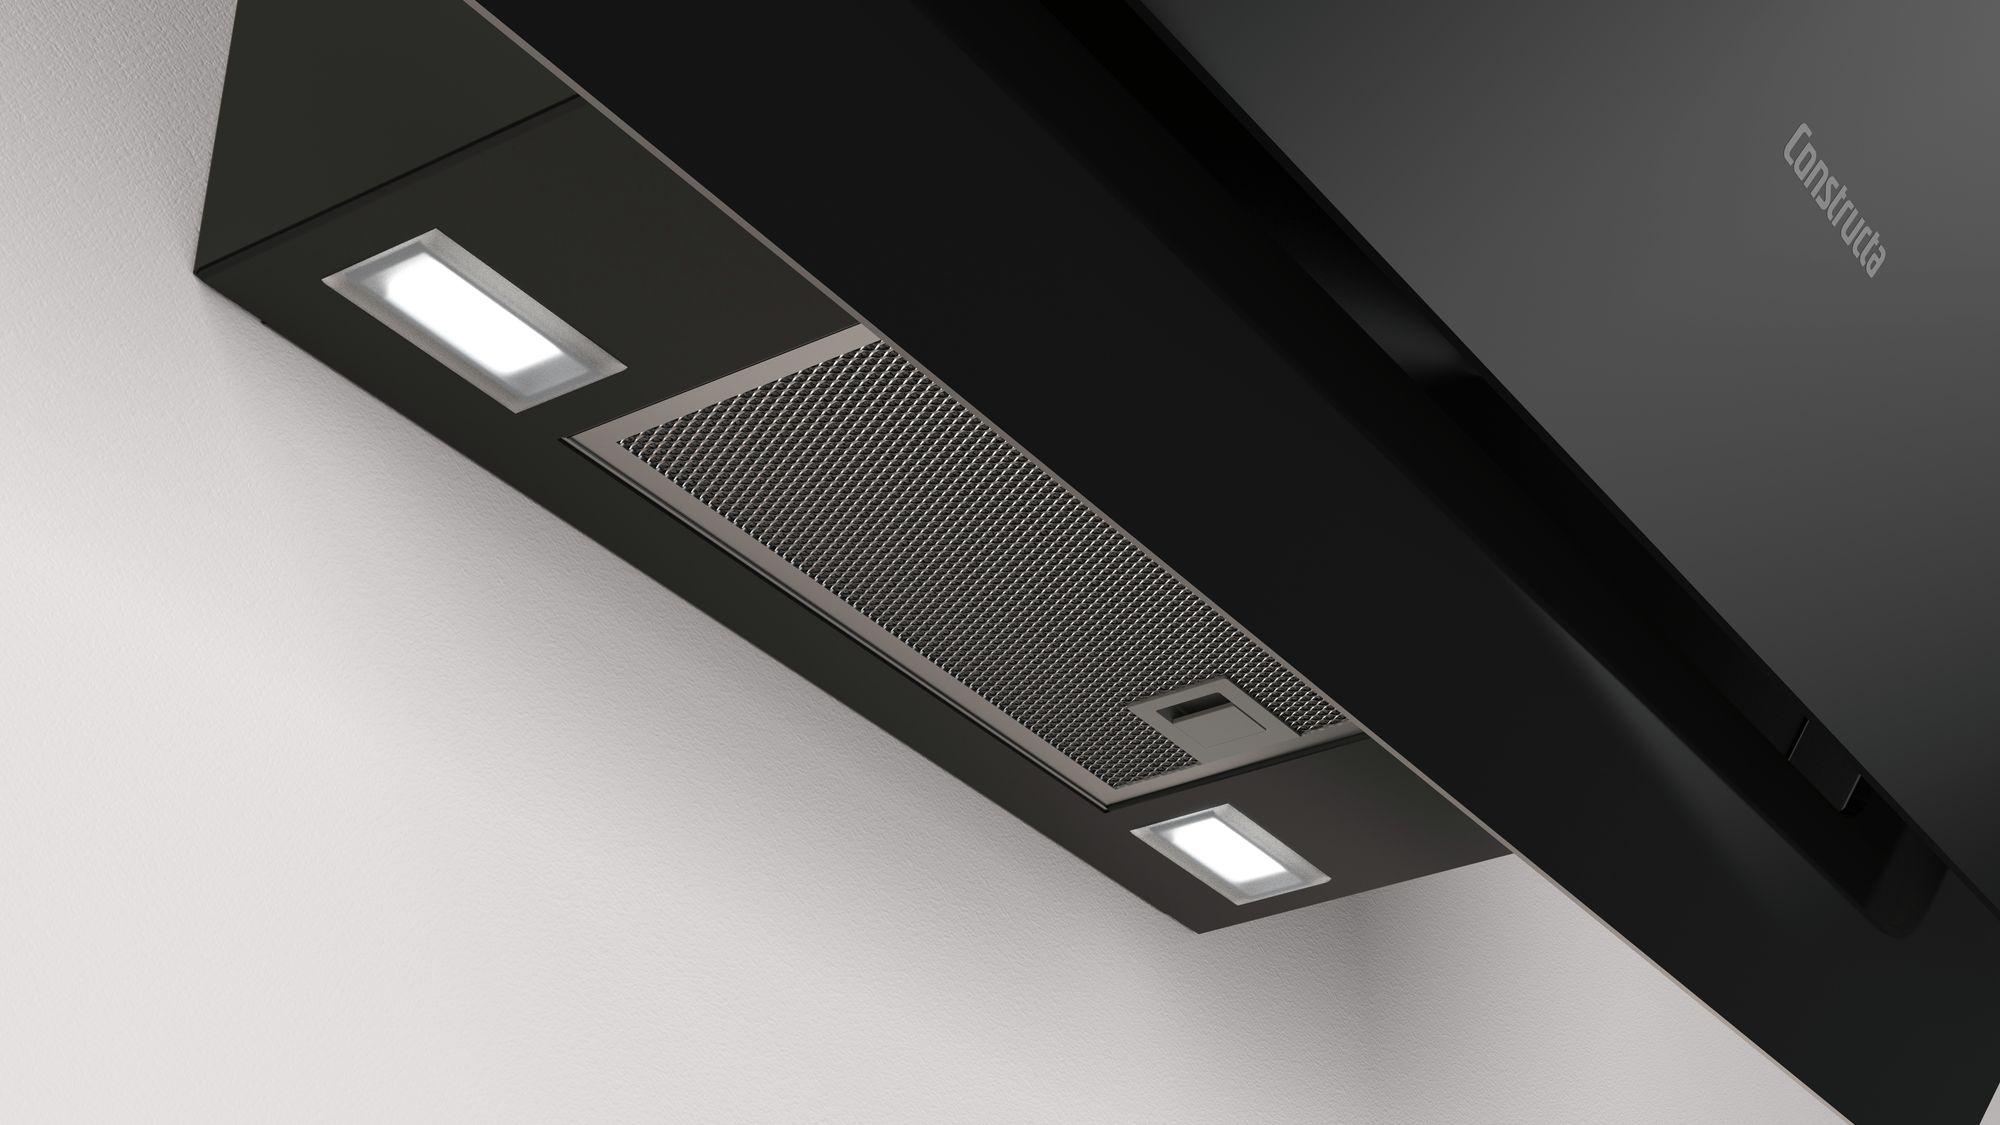 dunstabzugshaube constructa cd688860 schwarz glas 80cm modulk chen bloc modulk che online kaufen. Black Bedroom Furniture Sets. Home Design Ideas